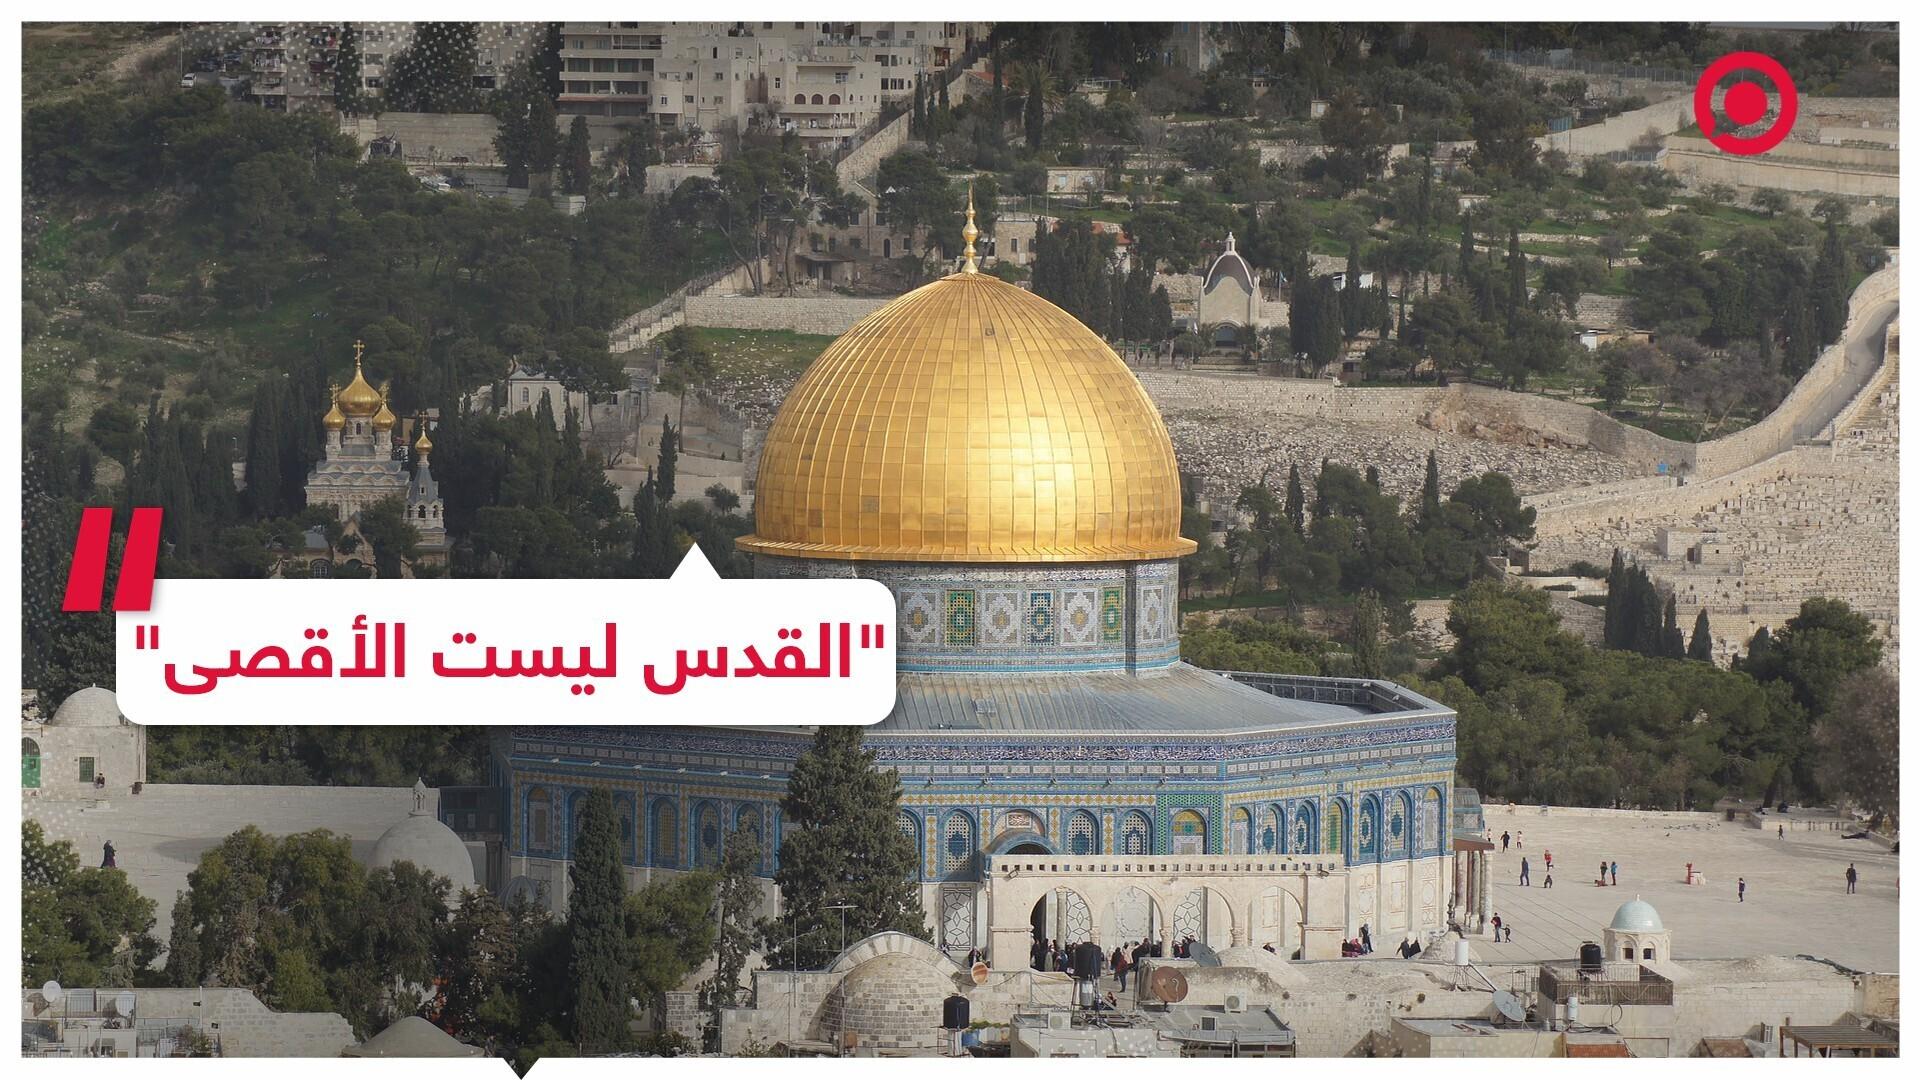 #المسجد_الأقصى #القدس #فلسطين #السعودية #إسلام